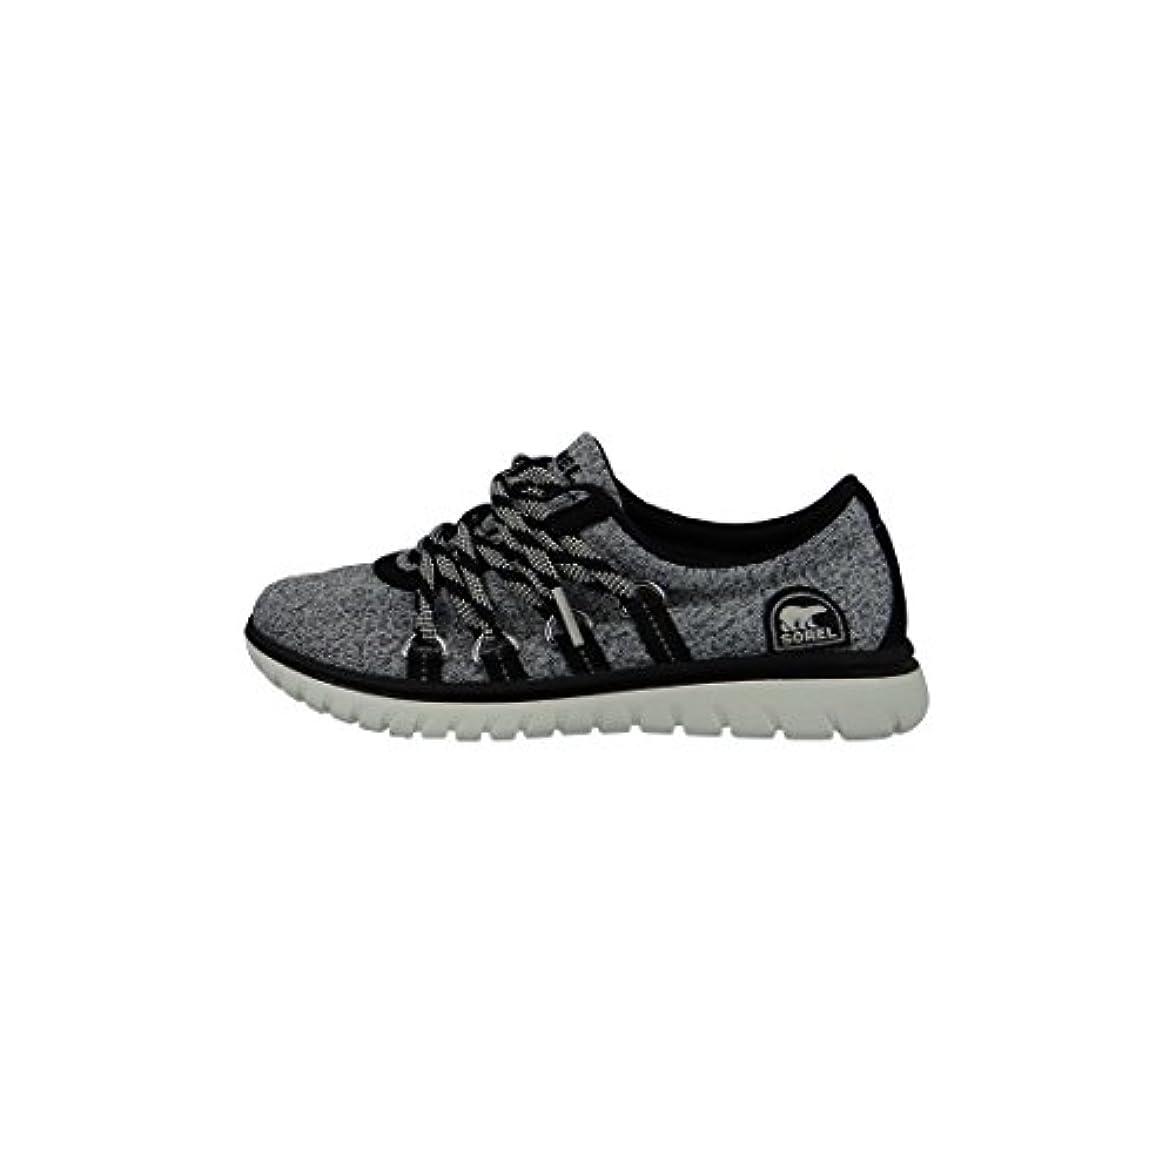 Sorel Grigio Nero Moda Sneaker Nl2328-010 Tivoli Go Femminile Taglia 39